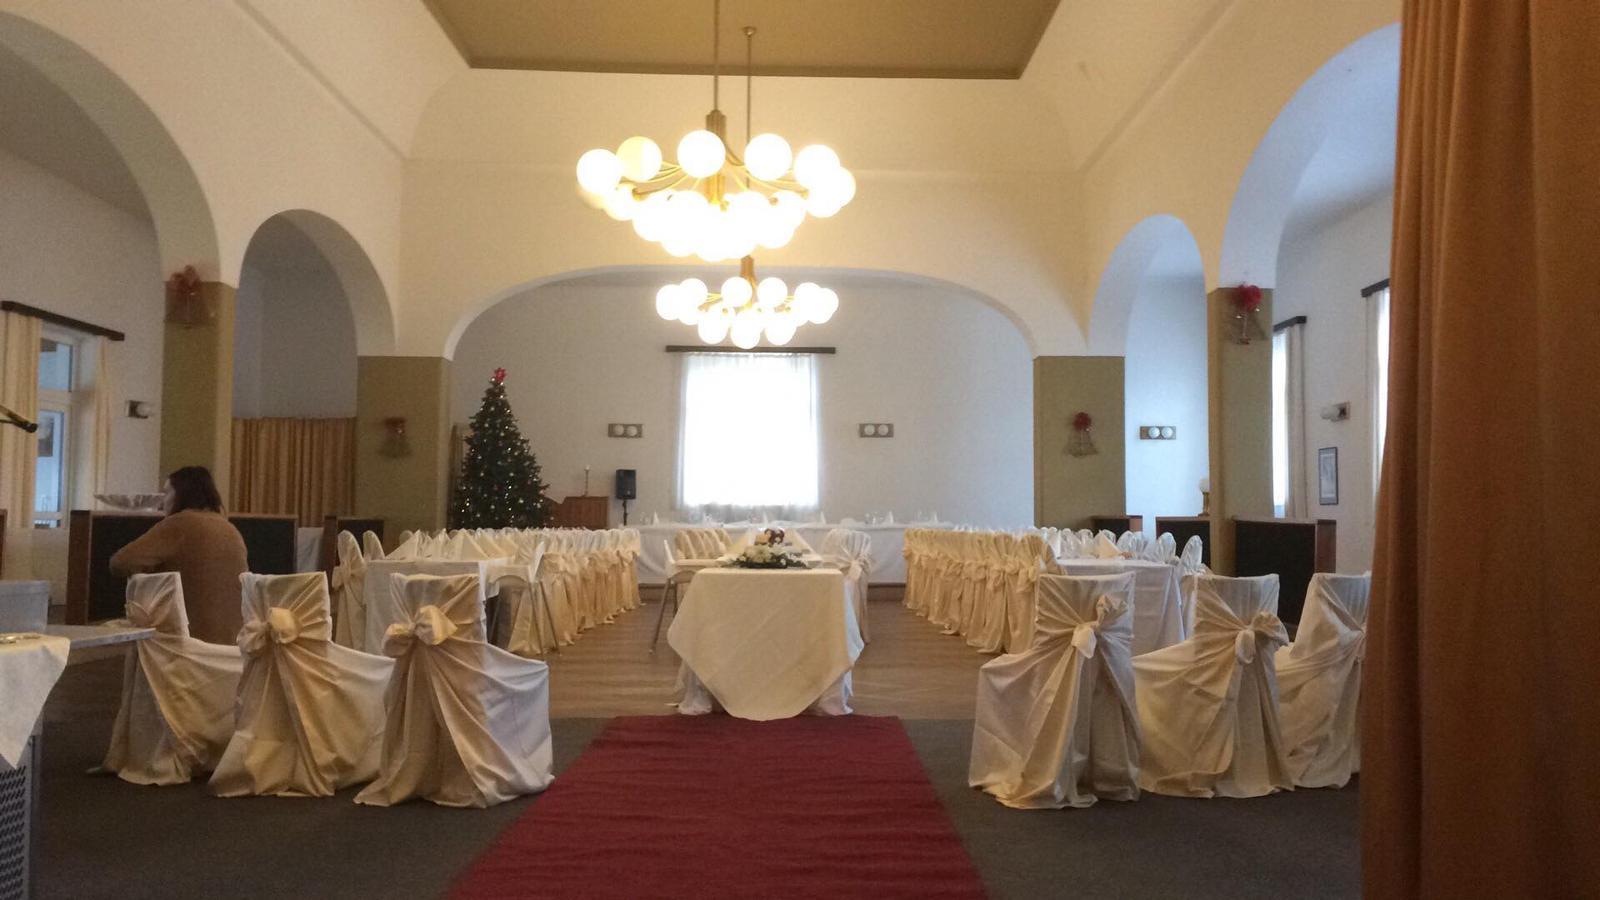 Svatba 2018 - Vánoční svatební obřad